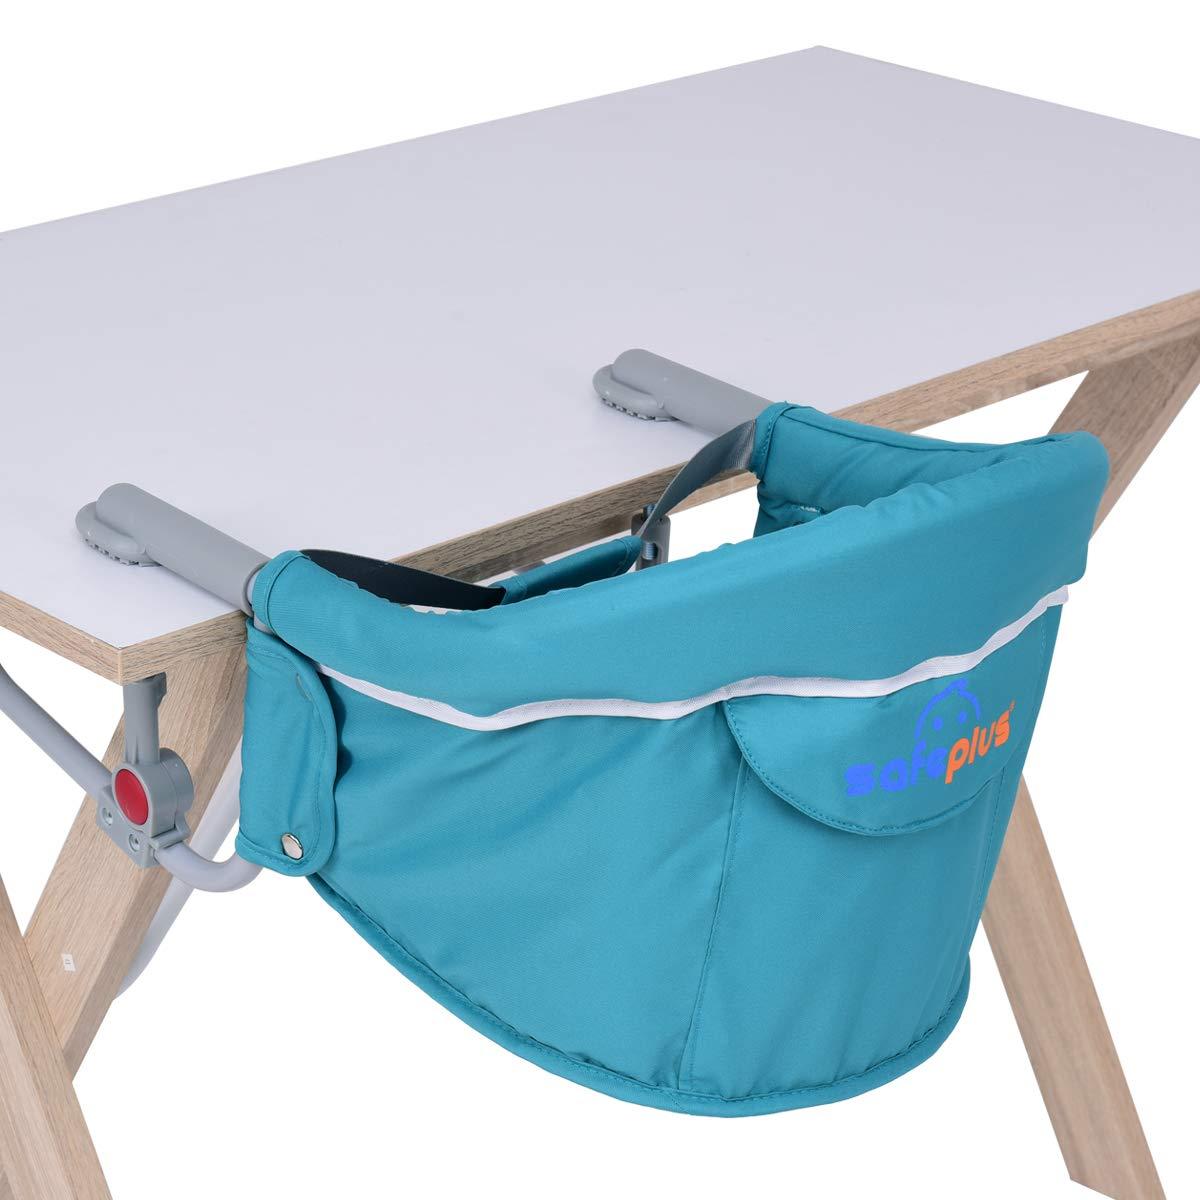 Schnell installierbarer Kinderstuhl f/ür Kleinkinder /über 6 Monate GOPLUS Faltbarer Baby Tischsitz Blau Tragbarer /& stabiler Baby Hochstuhl mit engen Clips /& waschbarem Stoff